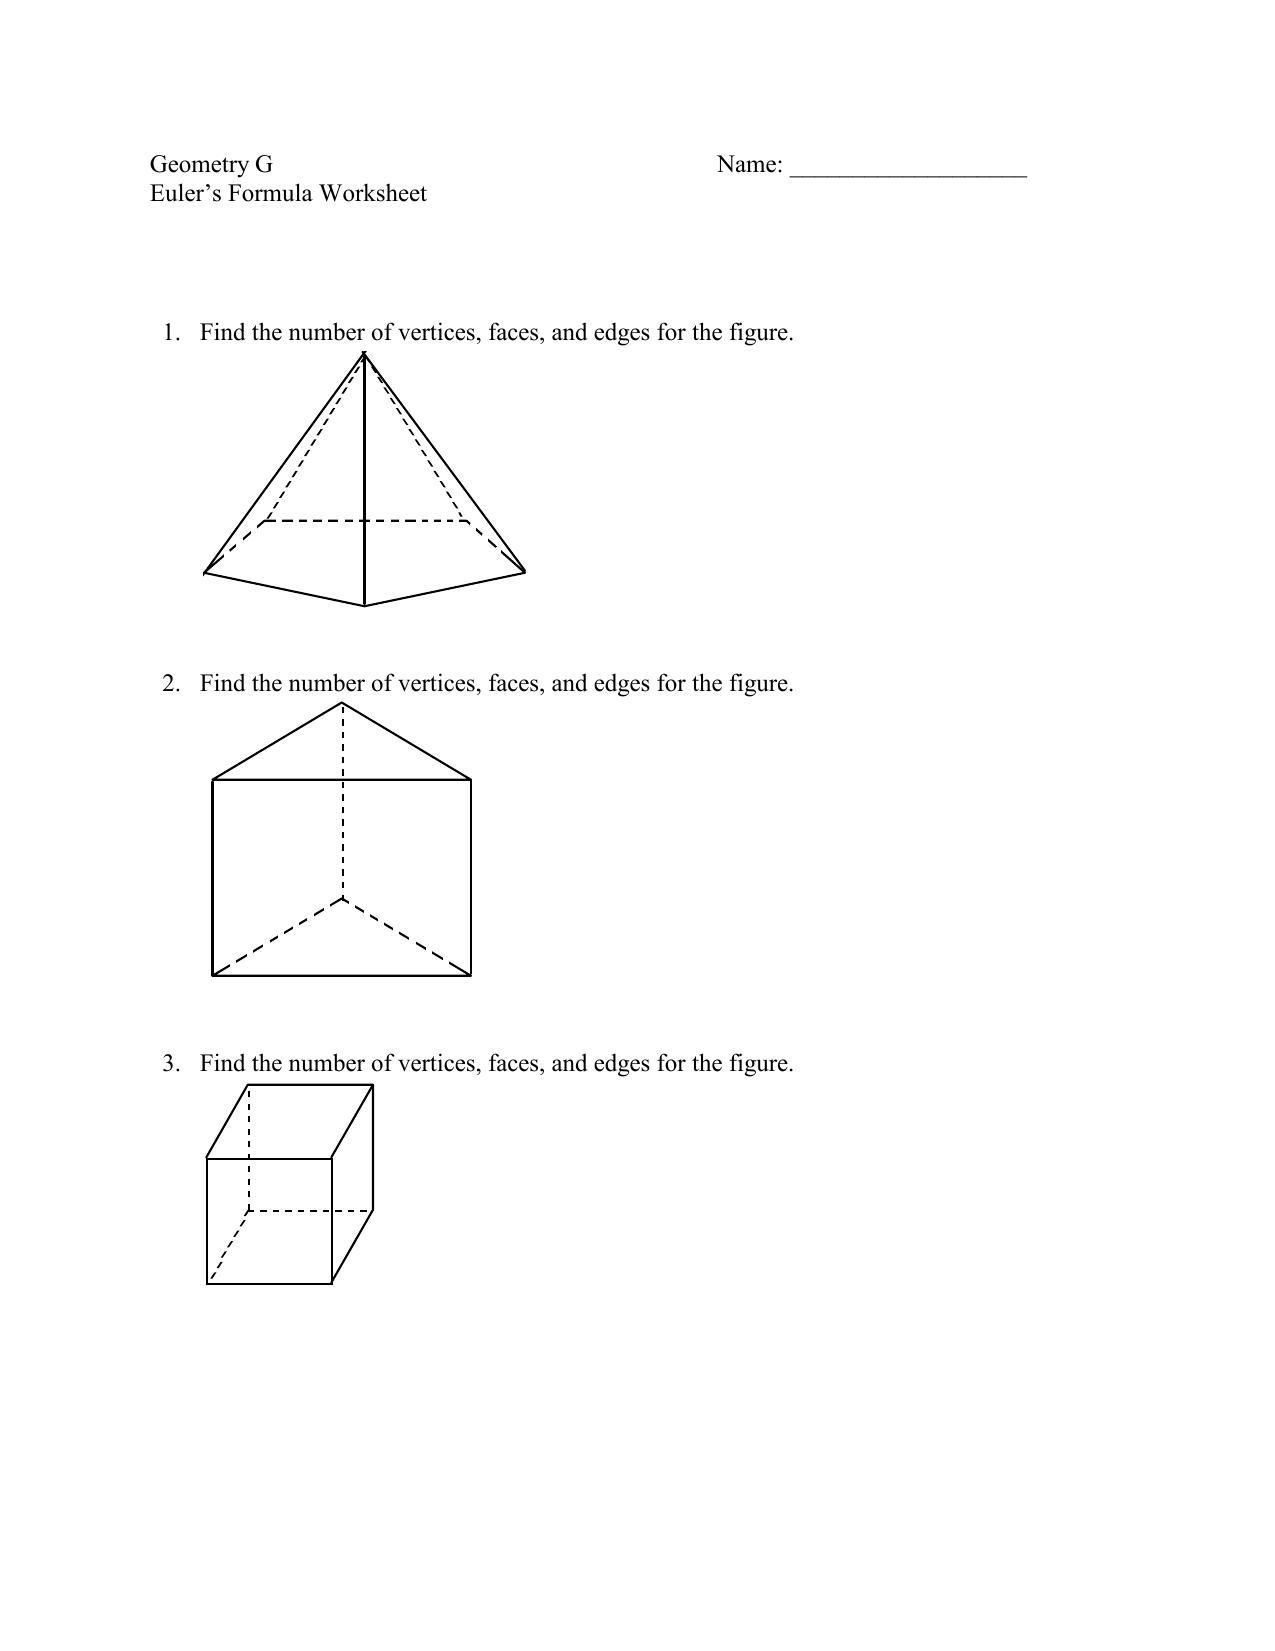 Eulers Formula Worksheet 1 Find The